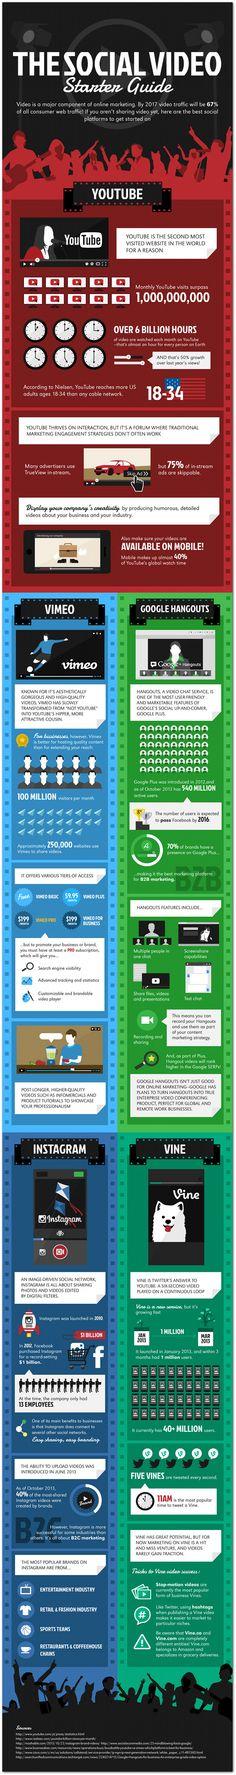 The social video starter guide   Articles   Social Media